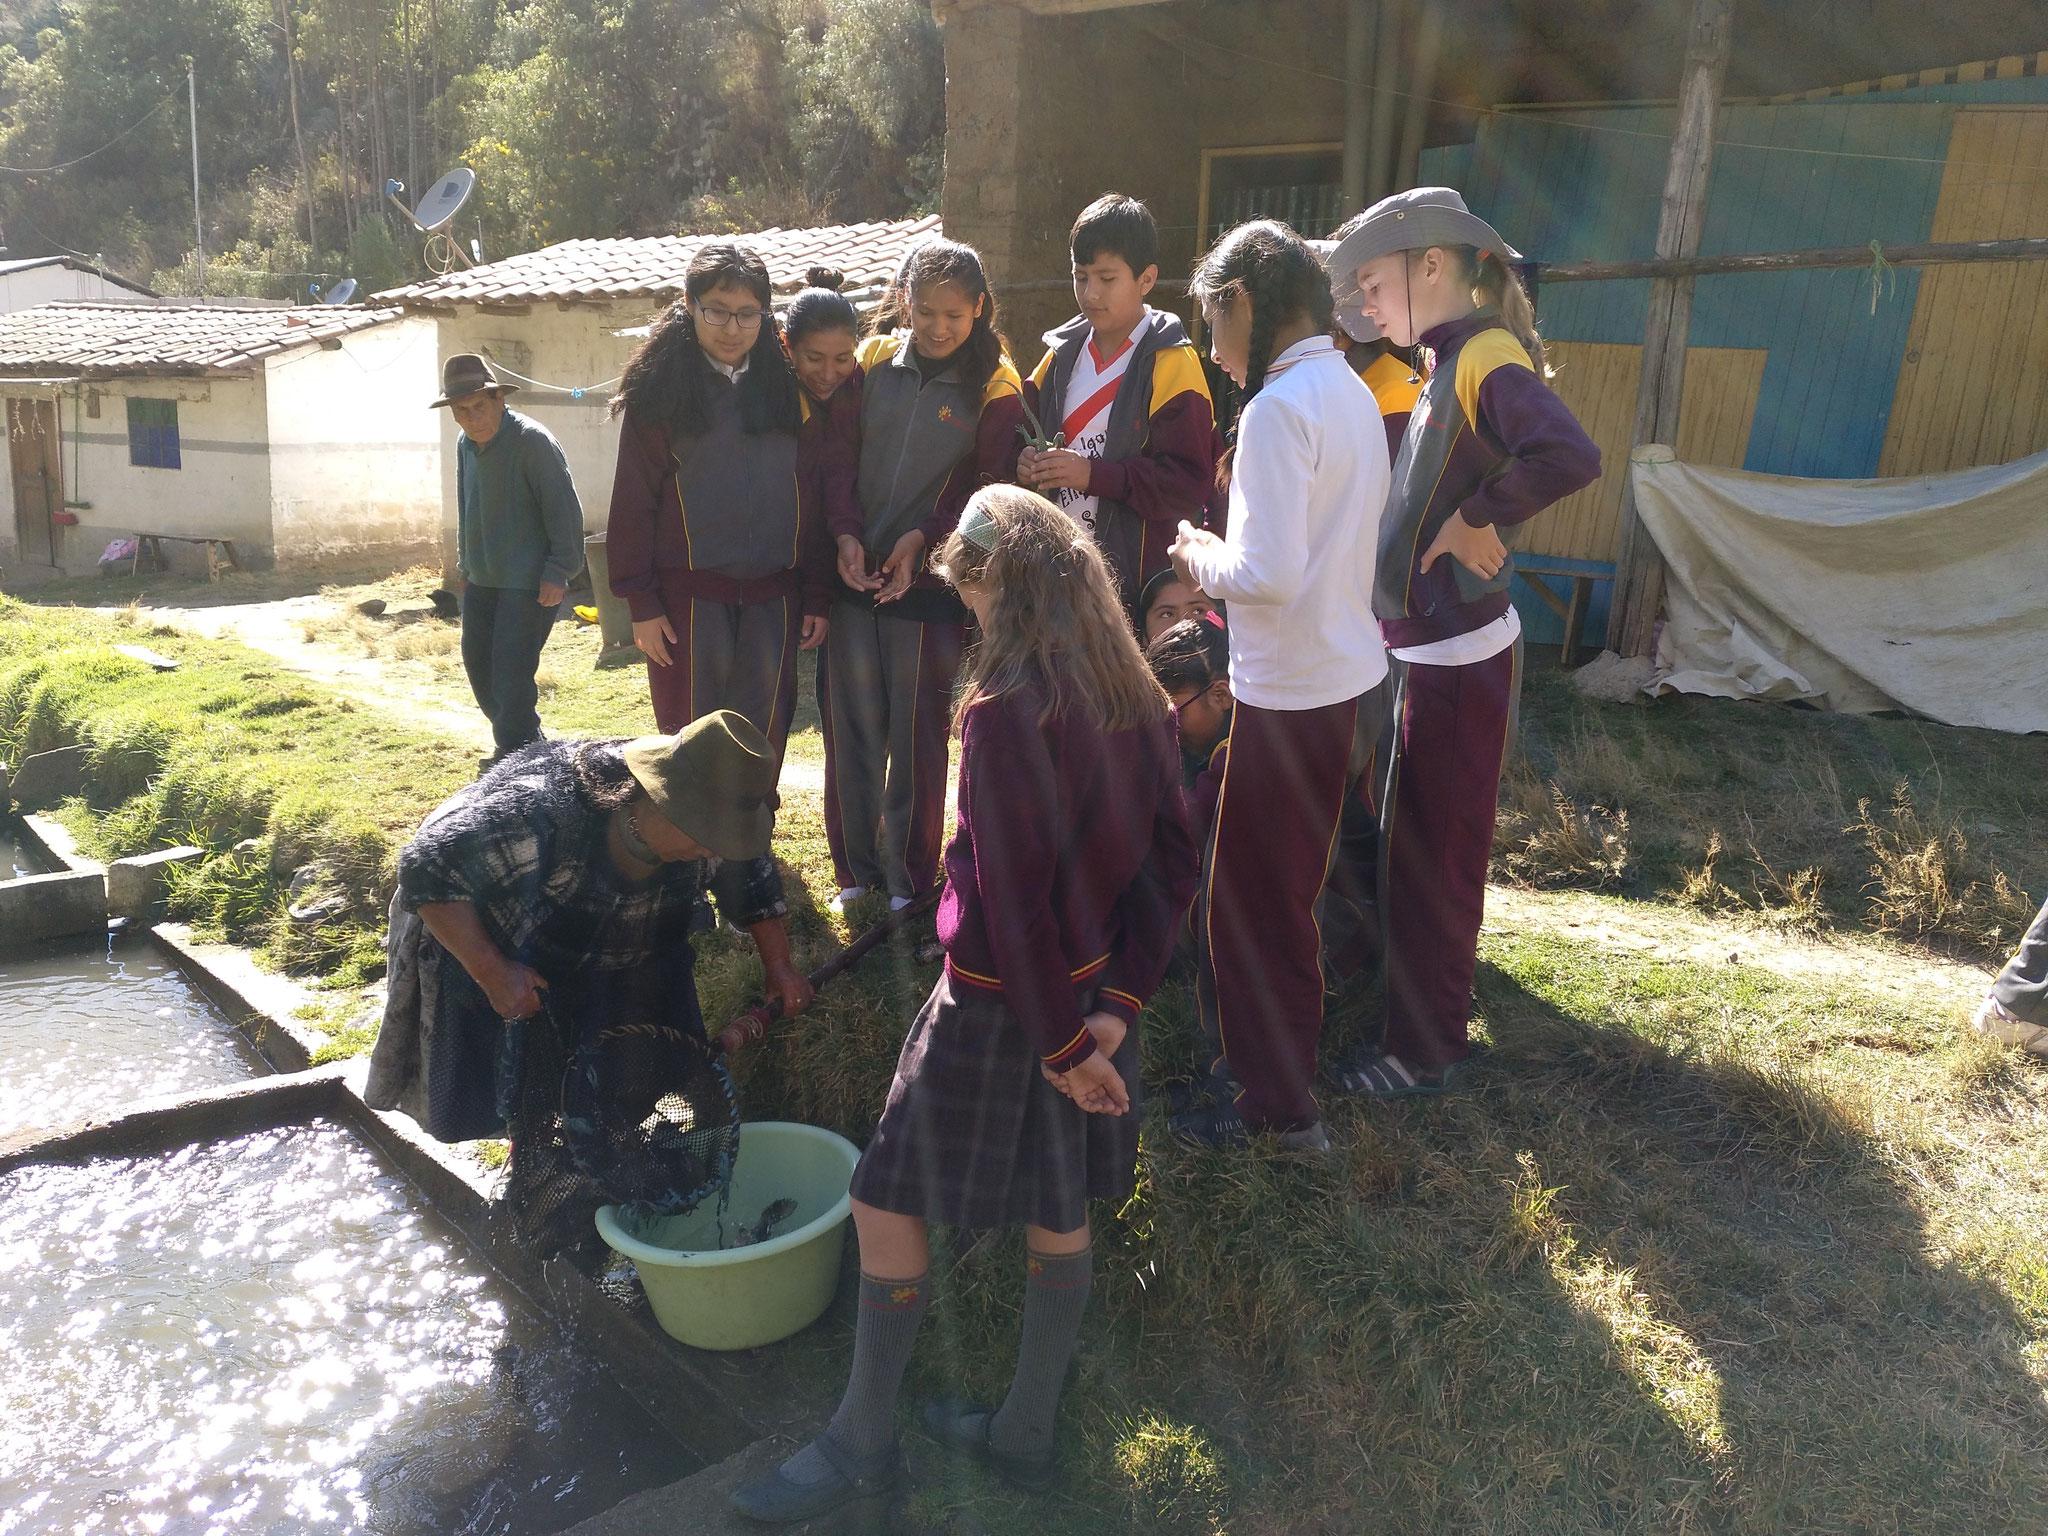 Die Quechua fängt den Fisch. Kurzer Genickbruch und ab in die Pfanne (ohne Innereien natürlich).